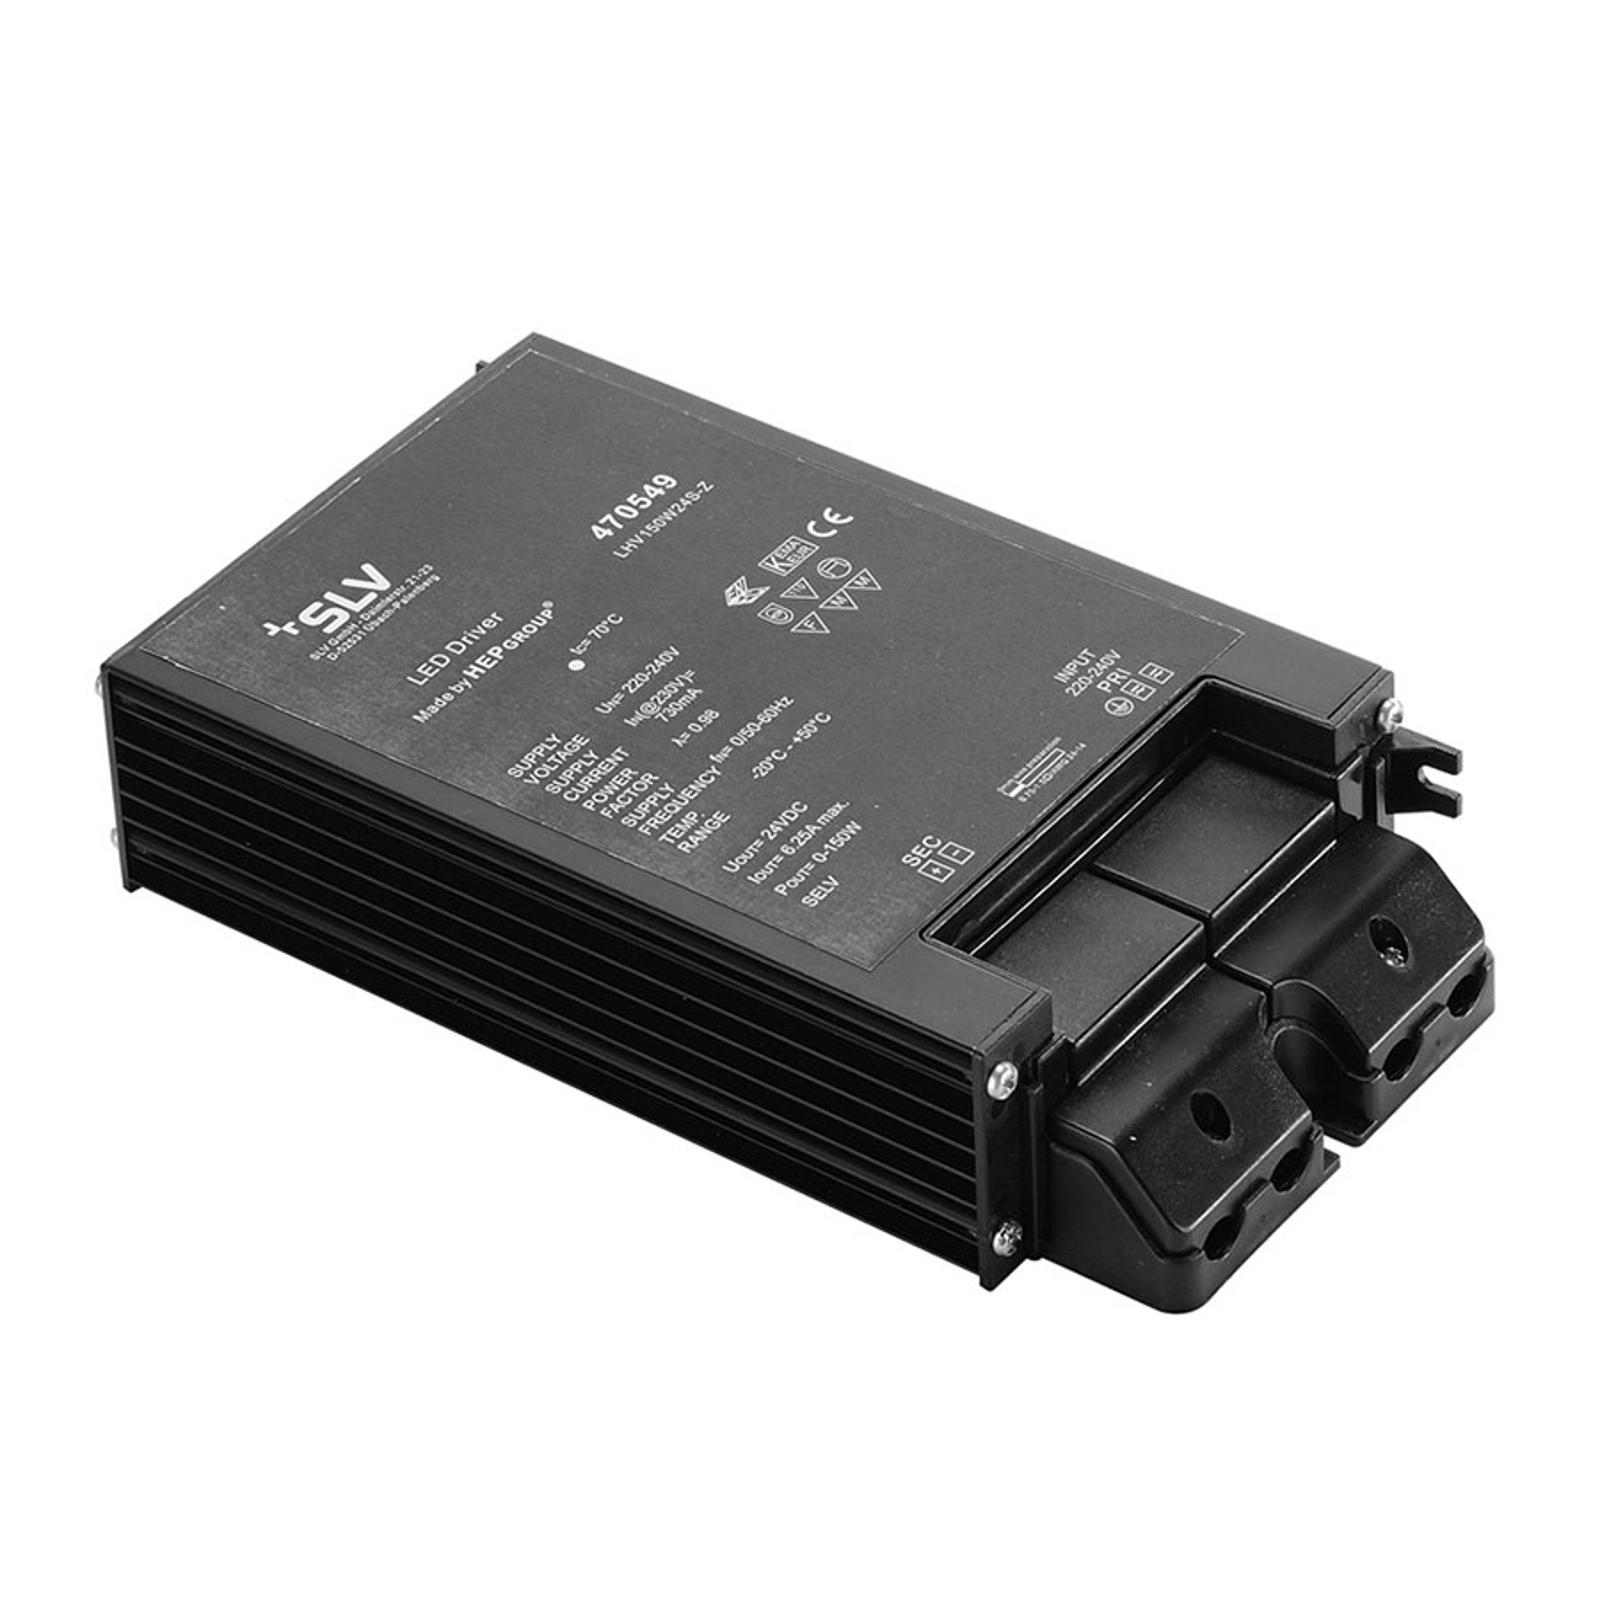 SLV bloc d'alimentation LED 24V DC/150W